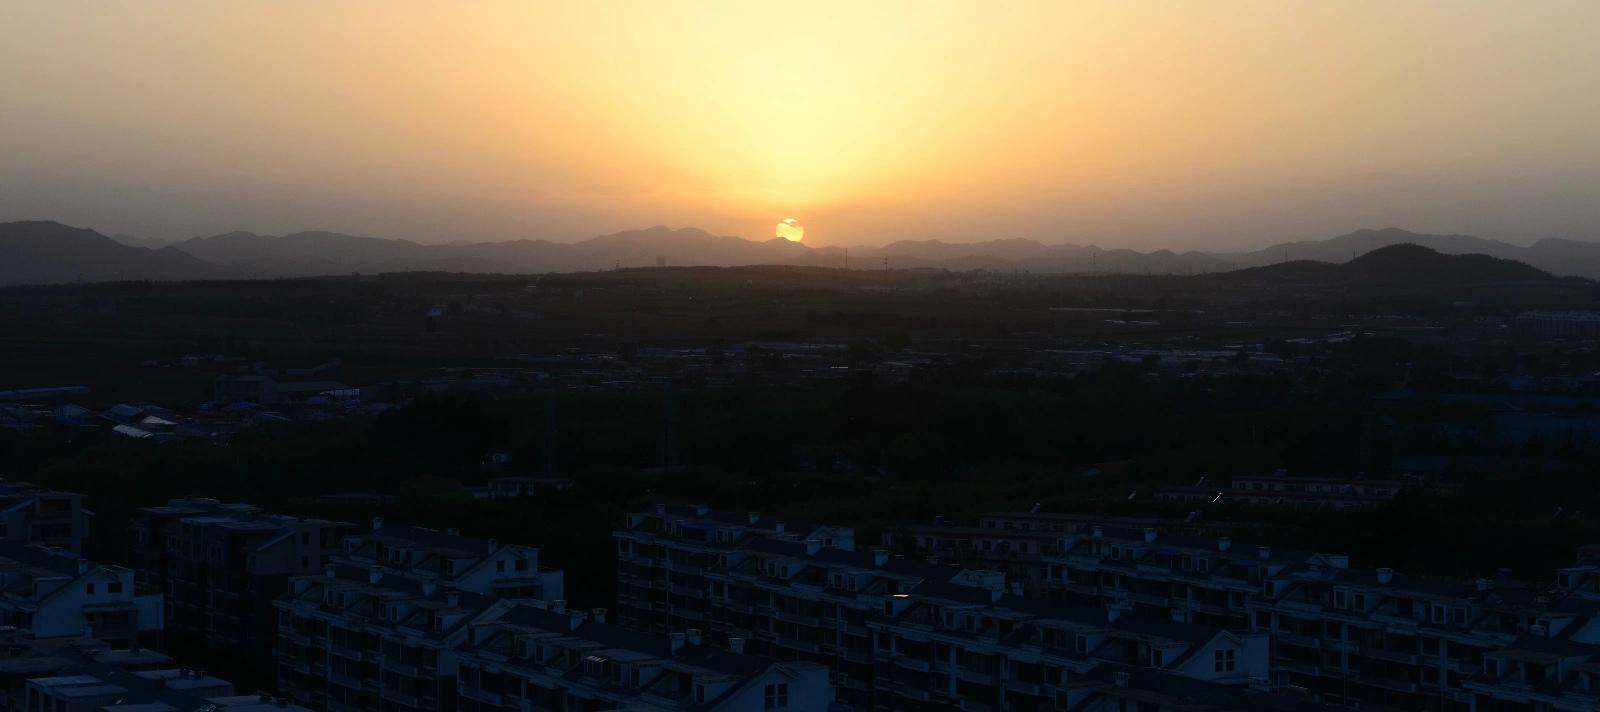 城市夕阳-葫芦岛-辽宁-绿野户外网